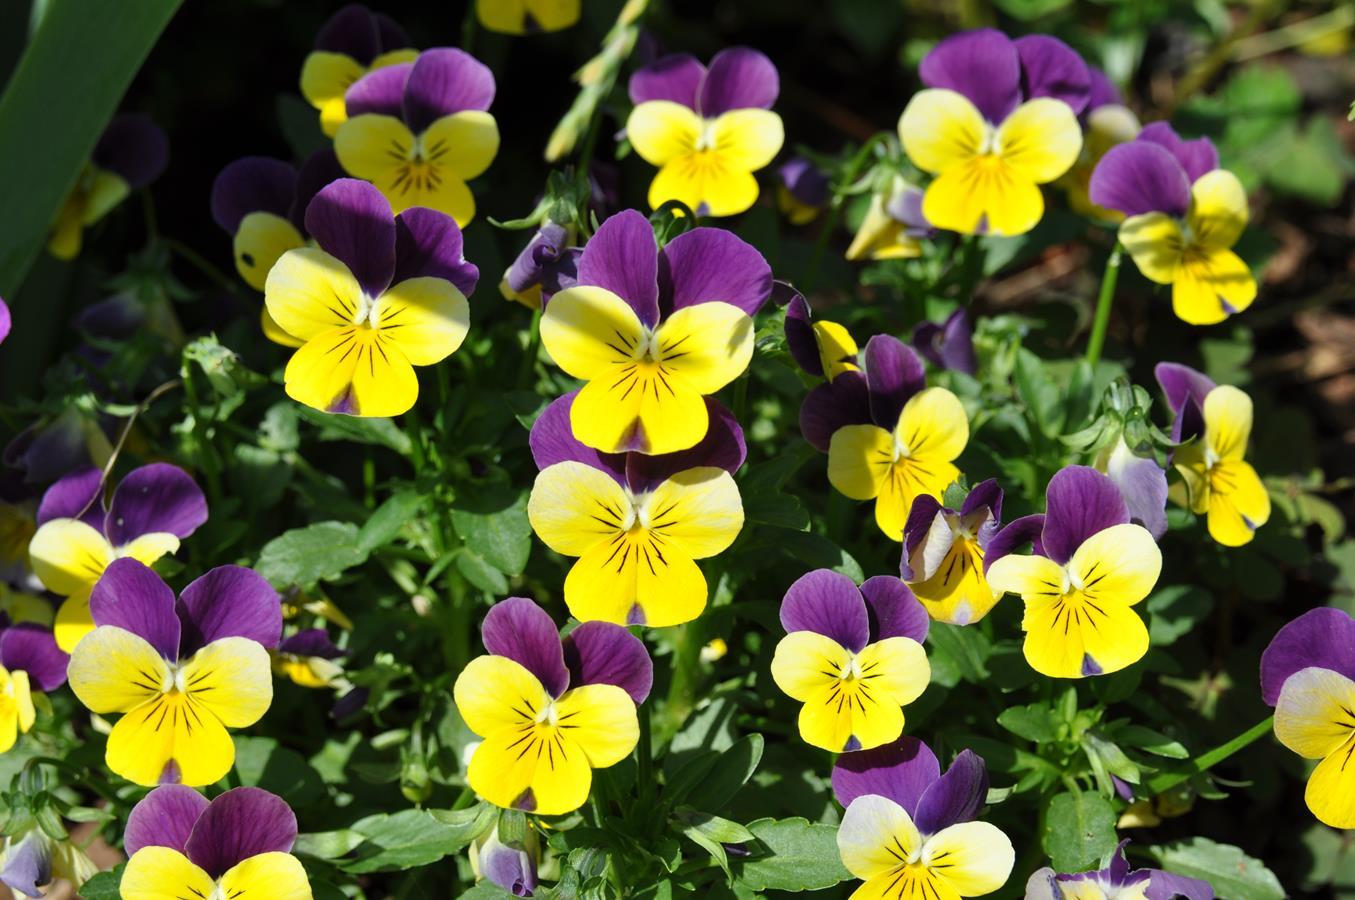 Wiersz o kwiatach